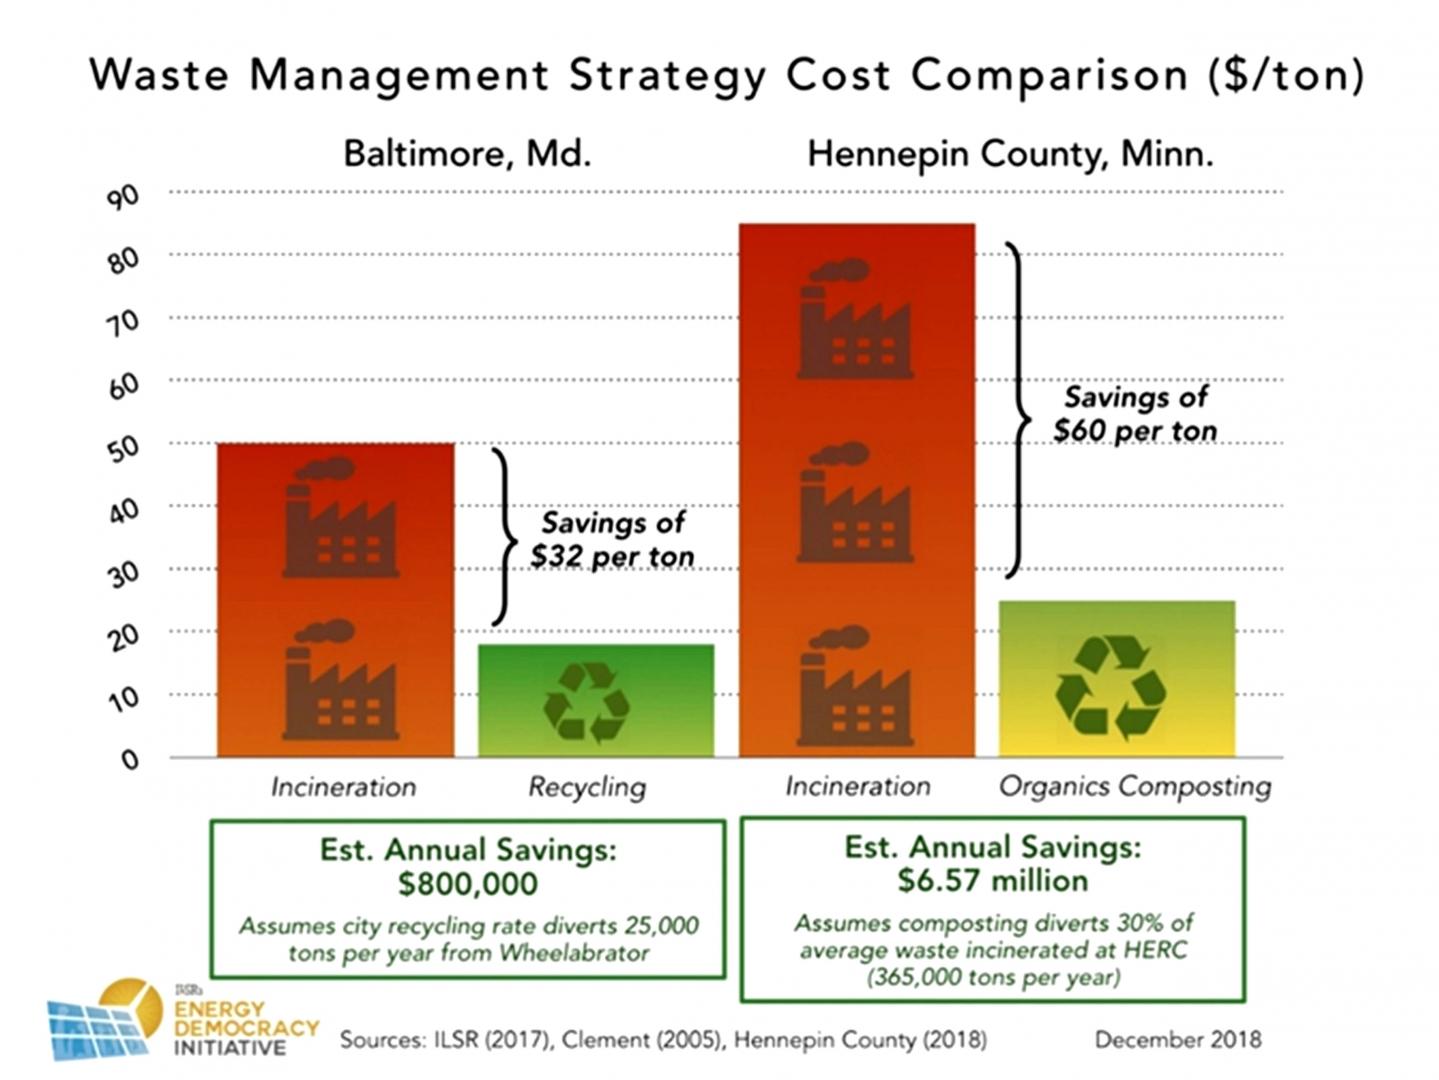 Рис. 6. Сравнение различных стратегий управления отходами по стоимости ($ на тонну)